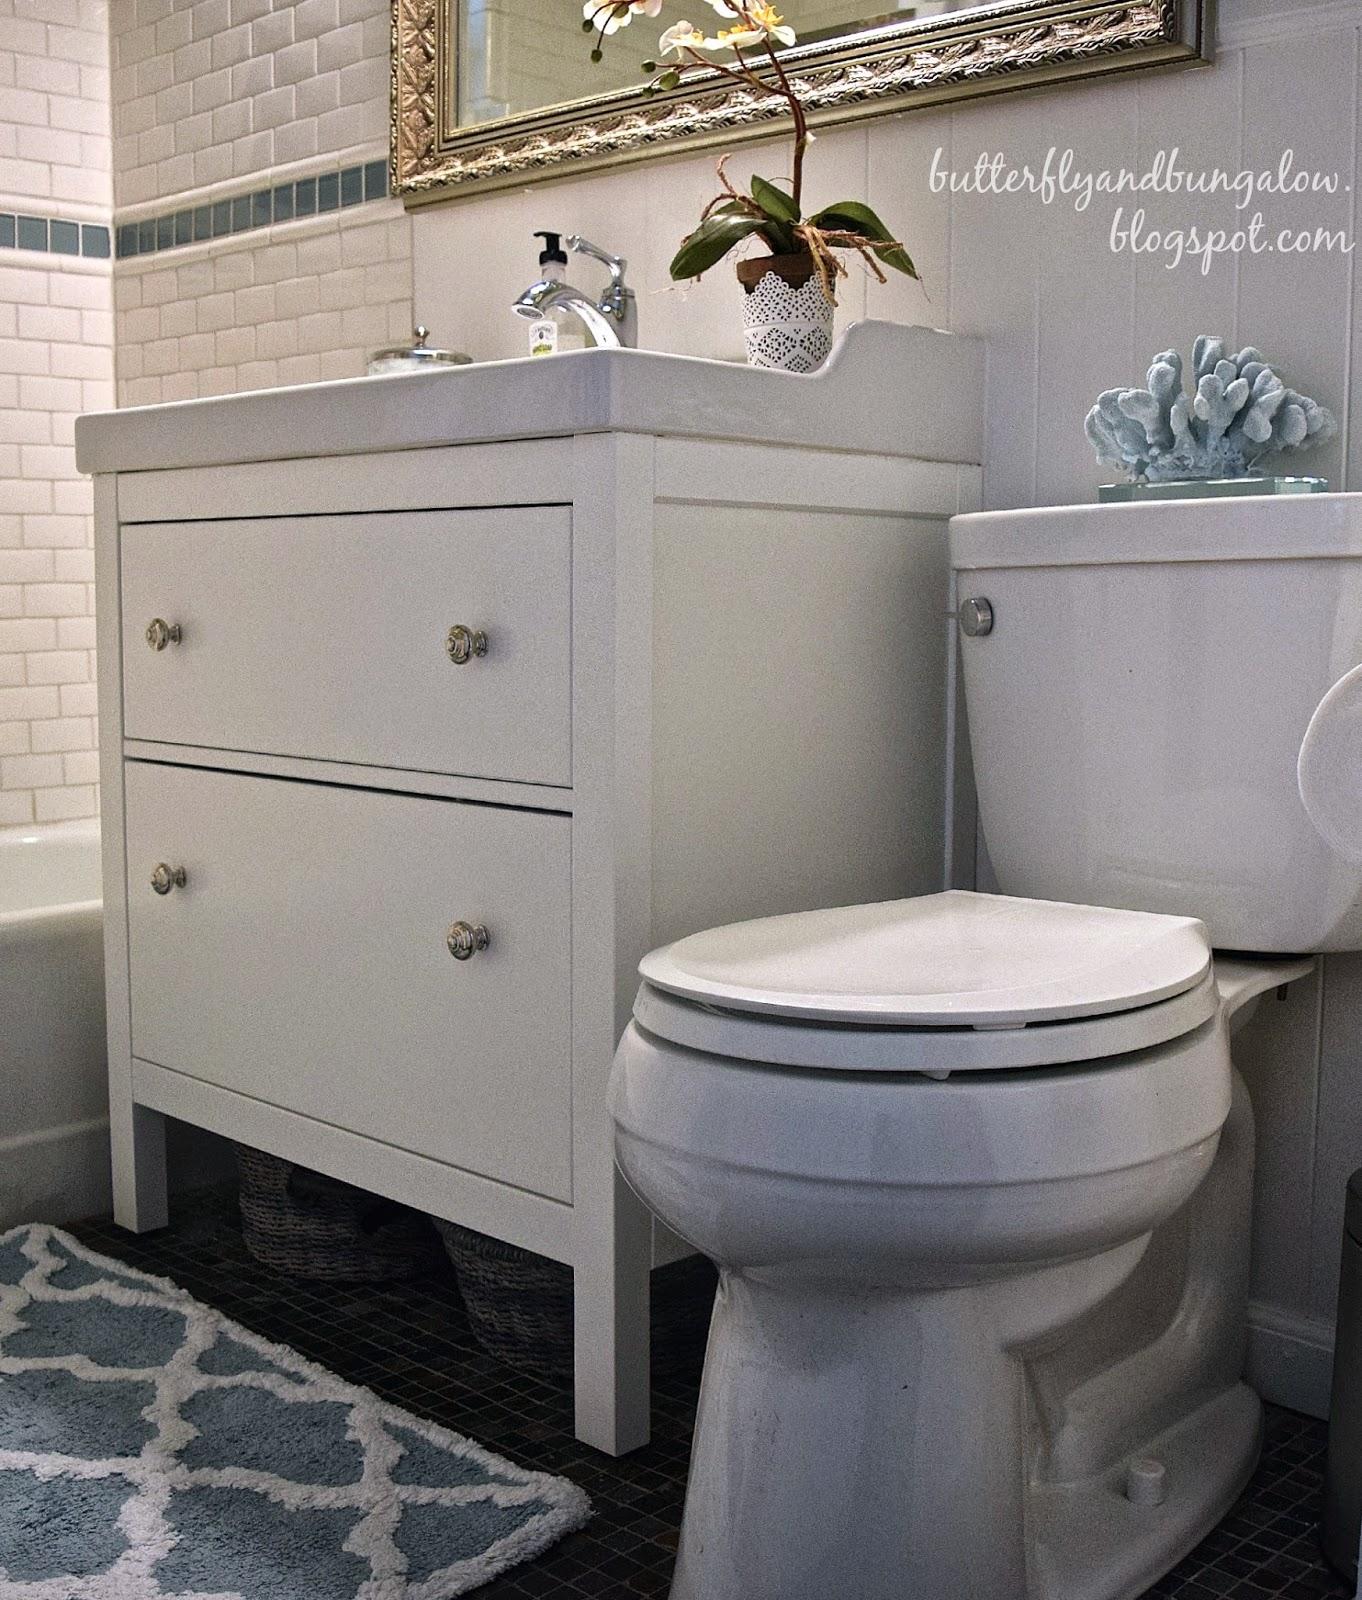 Quick Bathroom Remodel Interior Design Ideas - Quick bathroom remodel